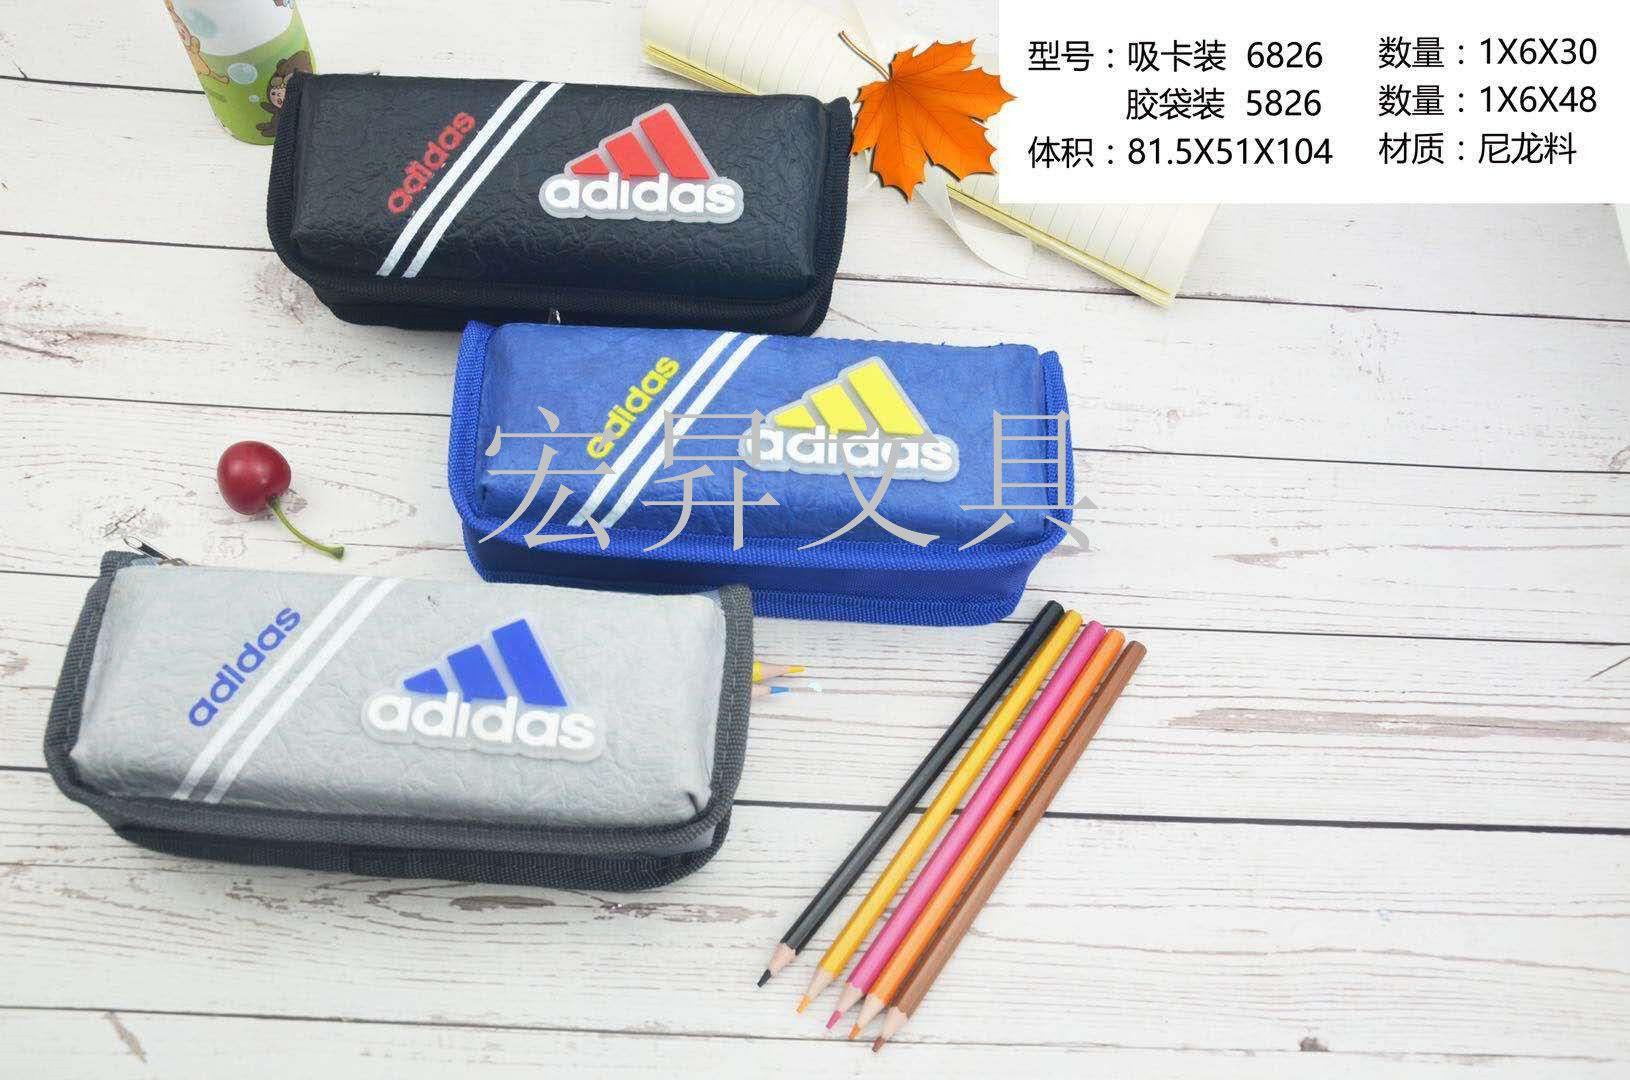 韩款笔袋大容量铅笔袋牛津布铅笔收纳袋收纳盒防水宏昇文具盒吸卡